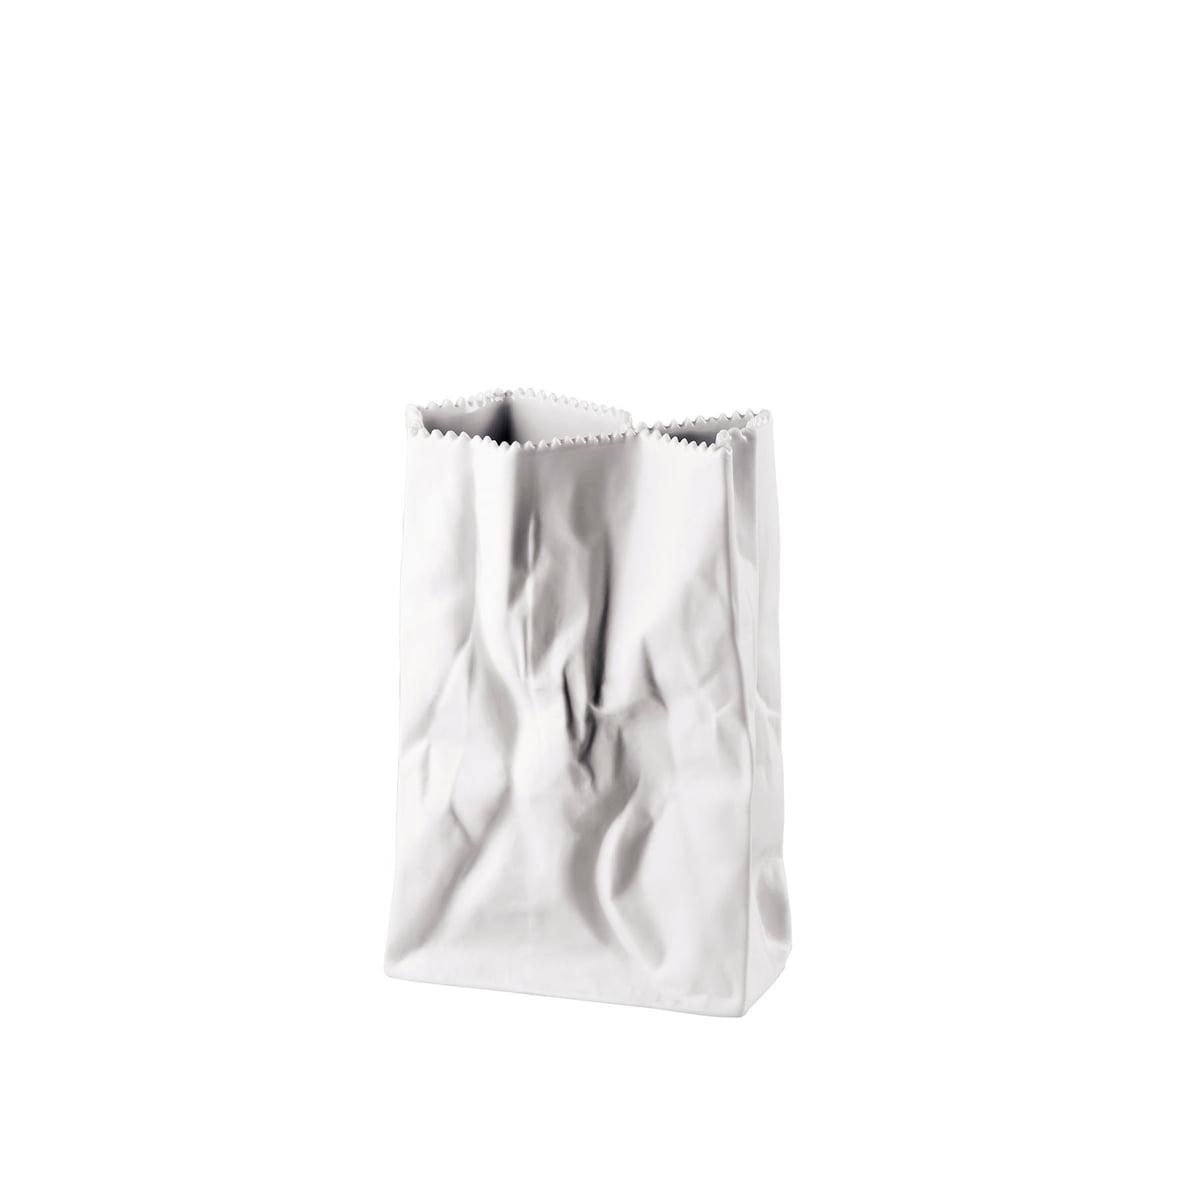 bag vase matt polished by rosenthal. Black Bedroom Furniture Sets. Home Design Ideas